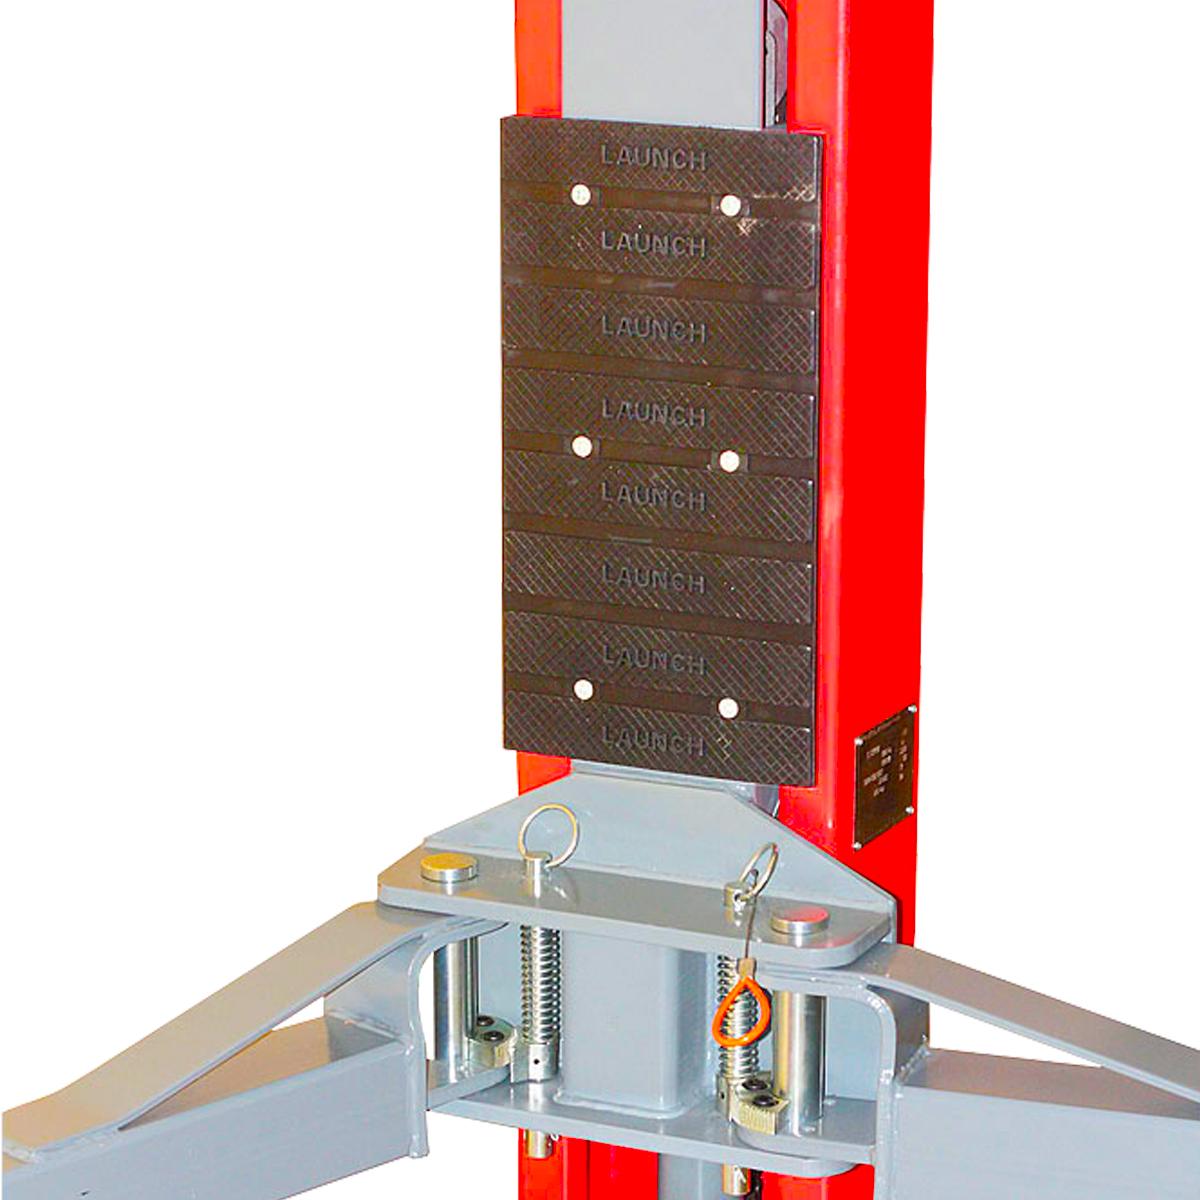 Резиновая накладка для защиты дверей подъёмника LAUNCh TLT-240SB